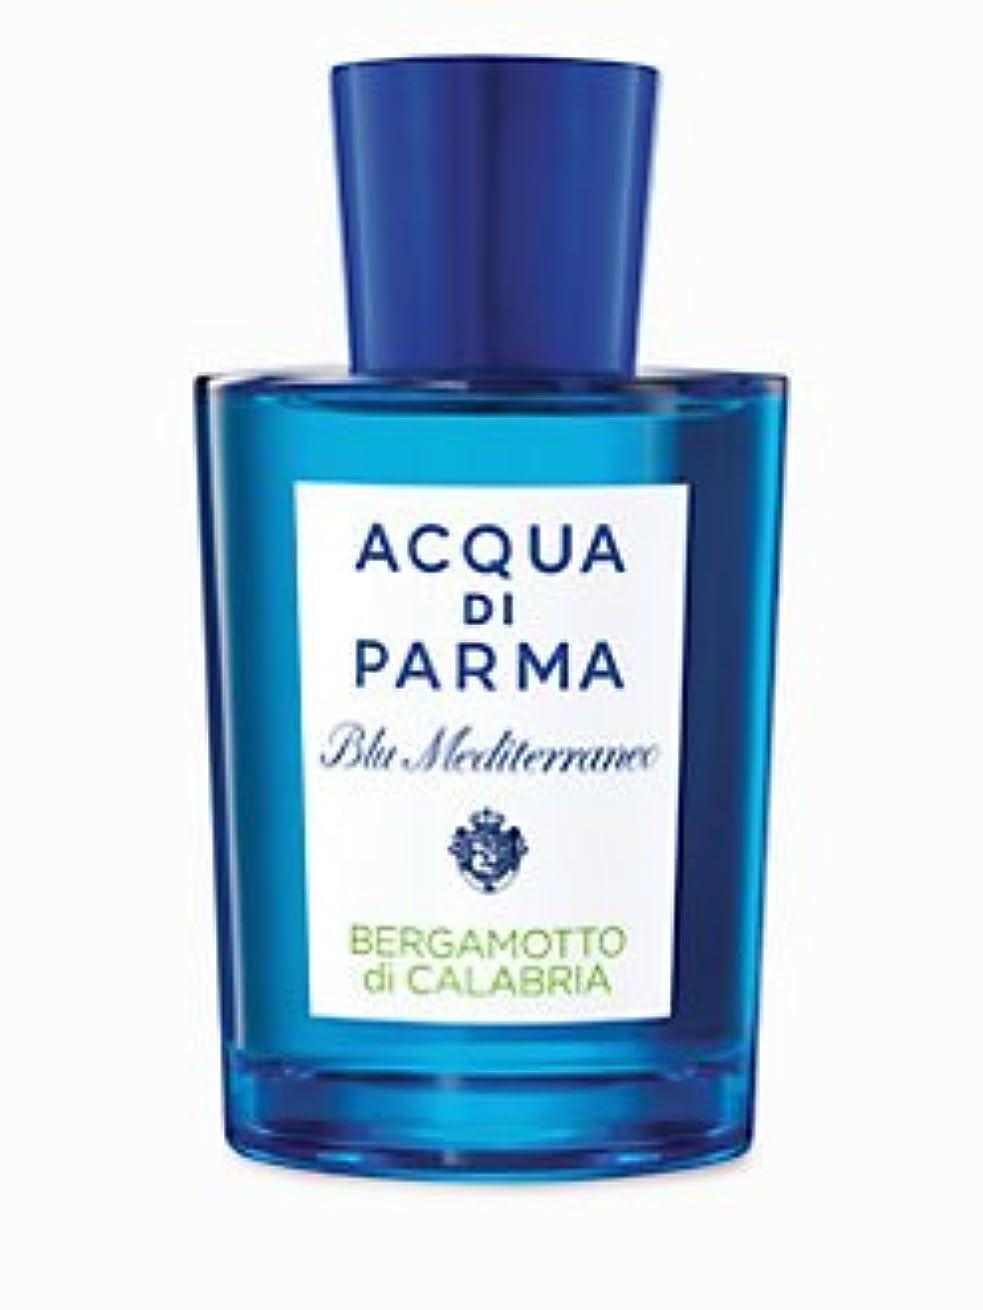 アクセスできない結晶不規則性Blu Mediterraneo Bergamotto di Calabria (ブルー メディタレーネオ ベルガモット カラブリア) 2.0 oz (60ml) EDT Spray by Acqua di Parma